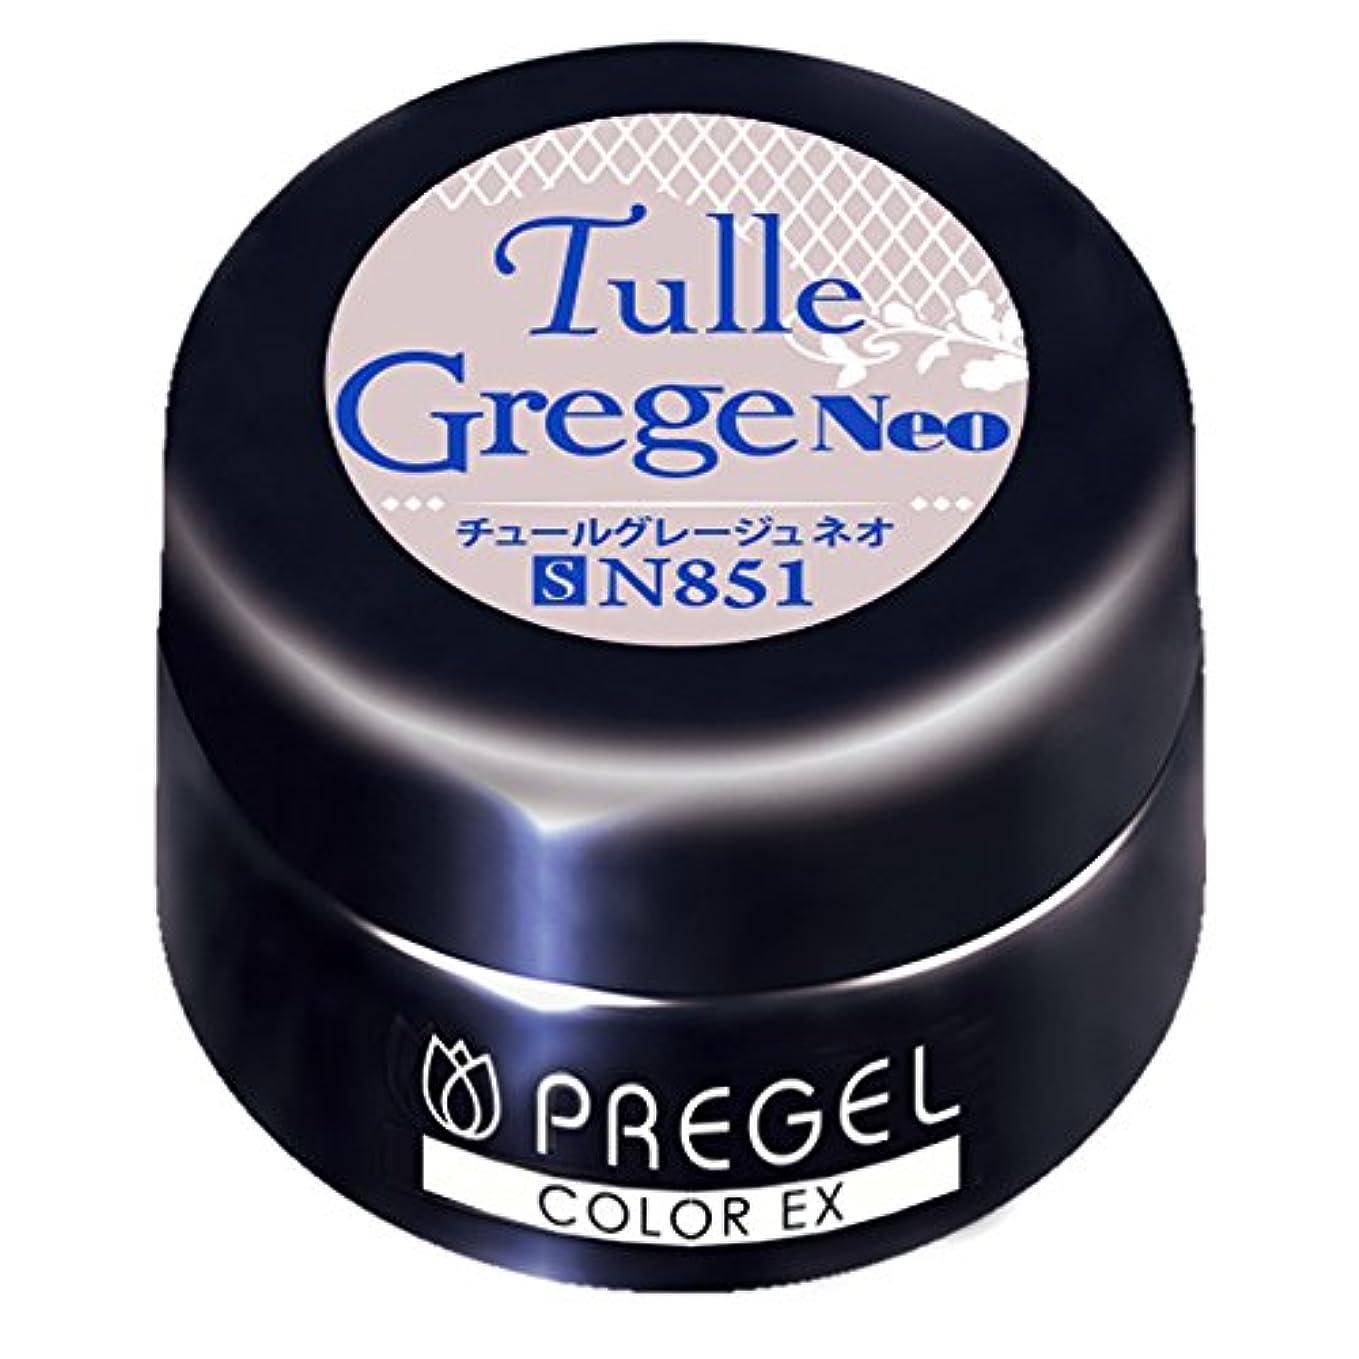 PRE GEL カラーEX チュールグレージュ neo 851 3g UV/LED対応